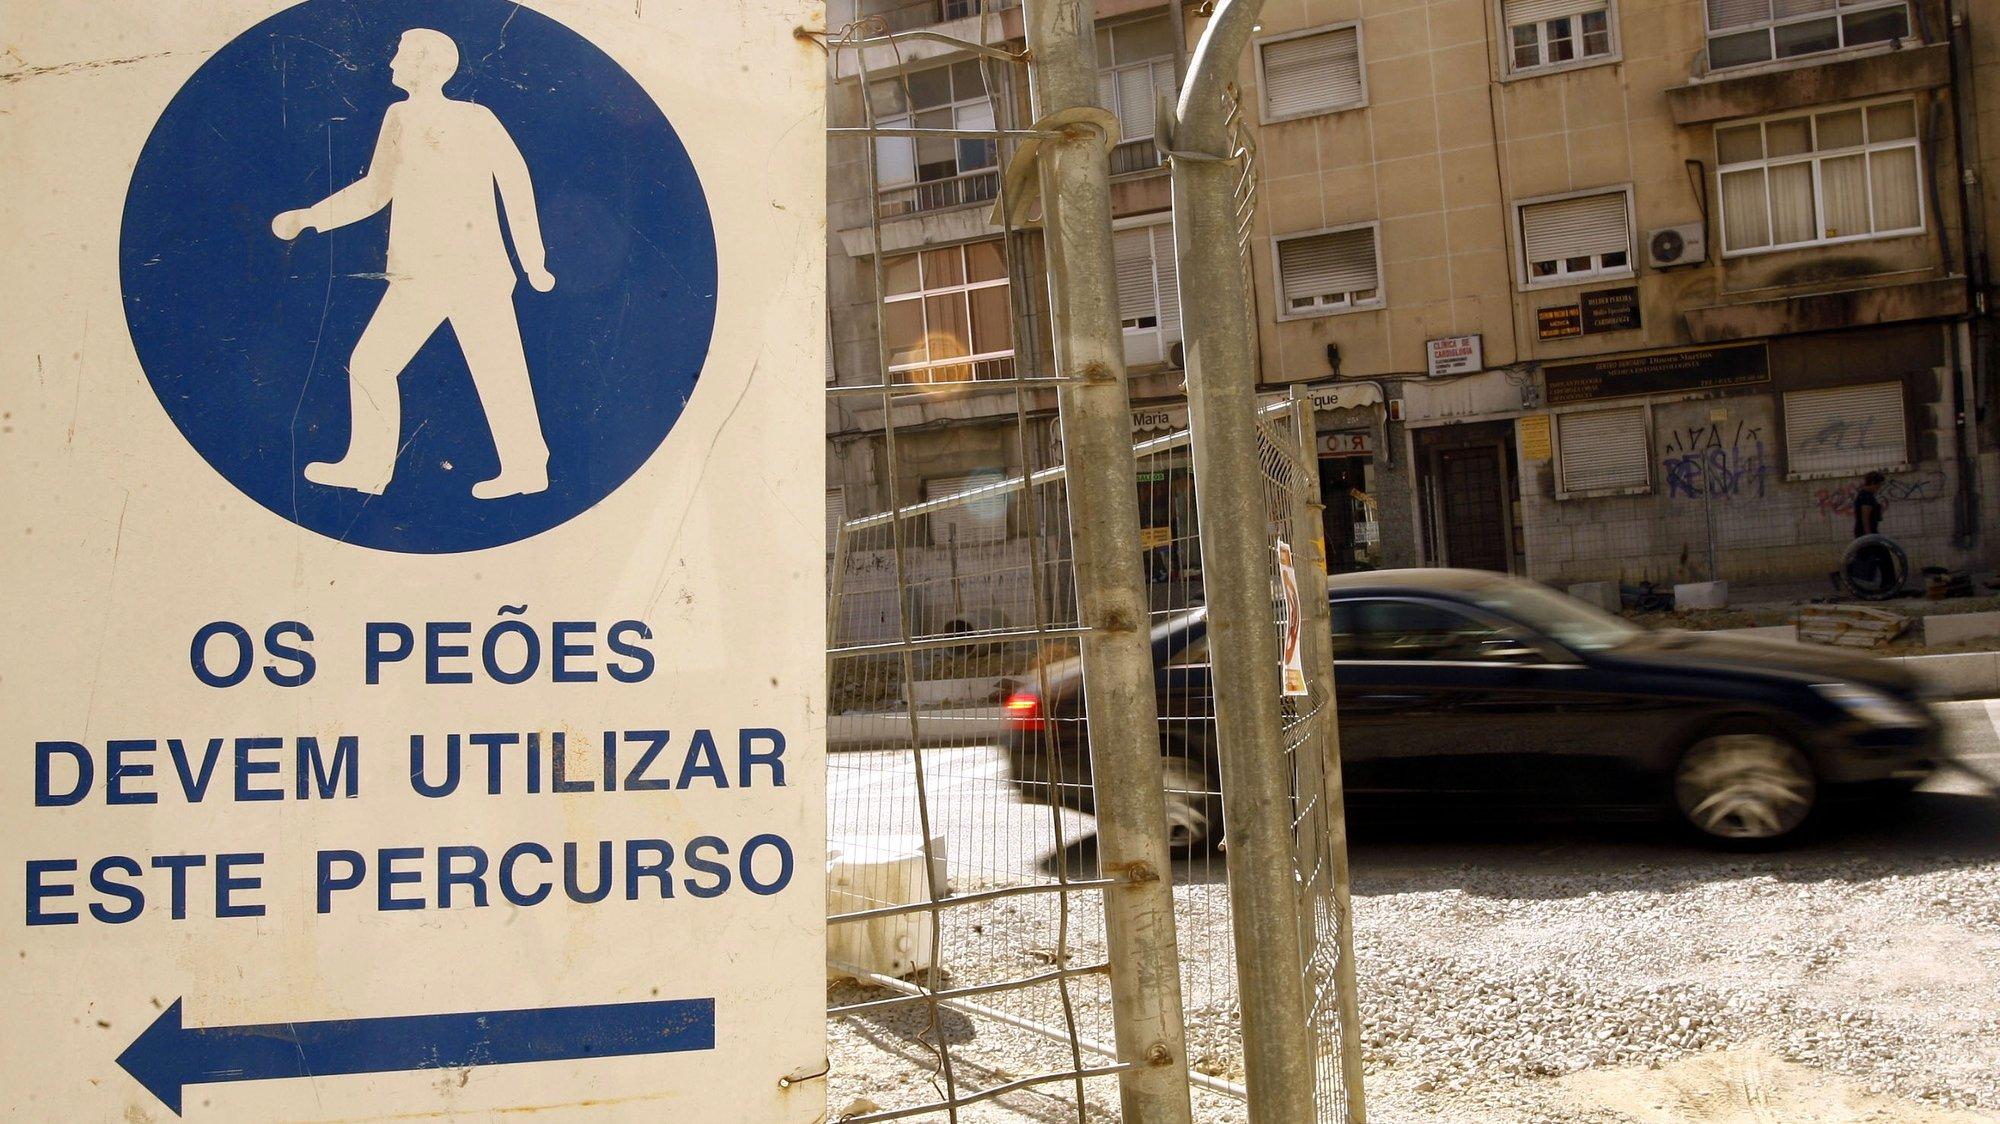 Uma das avenidas de Almada, que se encontram em obras de saneamento para preparação da passagem do novo metro, hoje 10 de Agosto de 2007. TIAGO PETINGA/LUSA